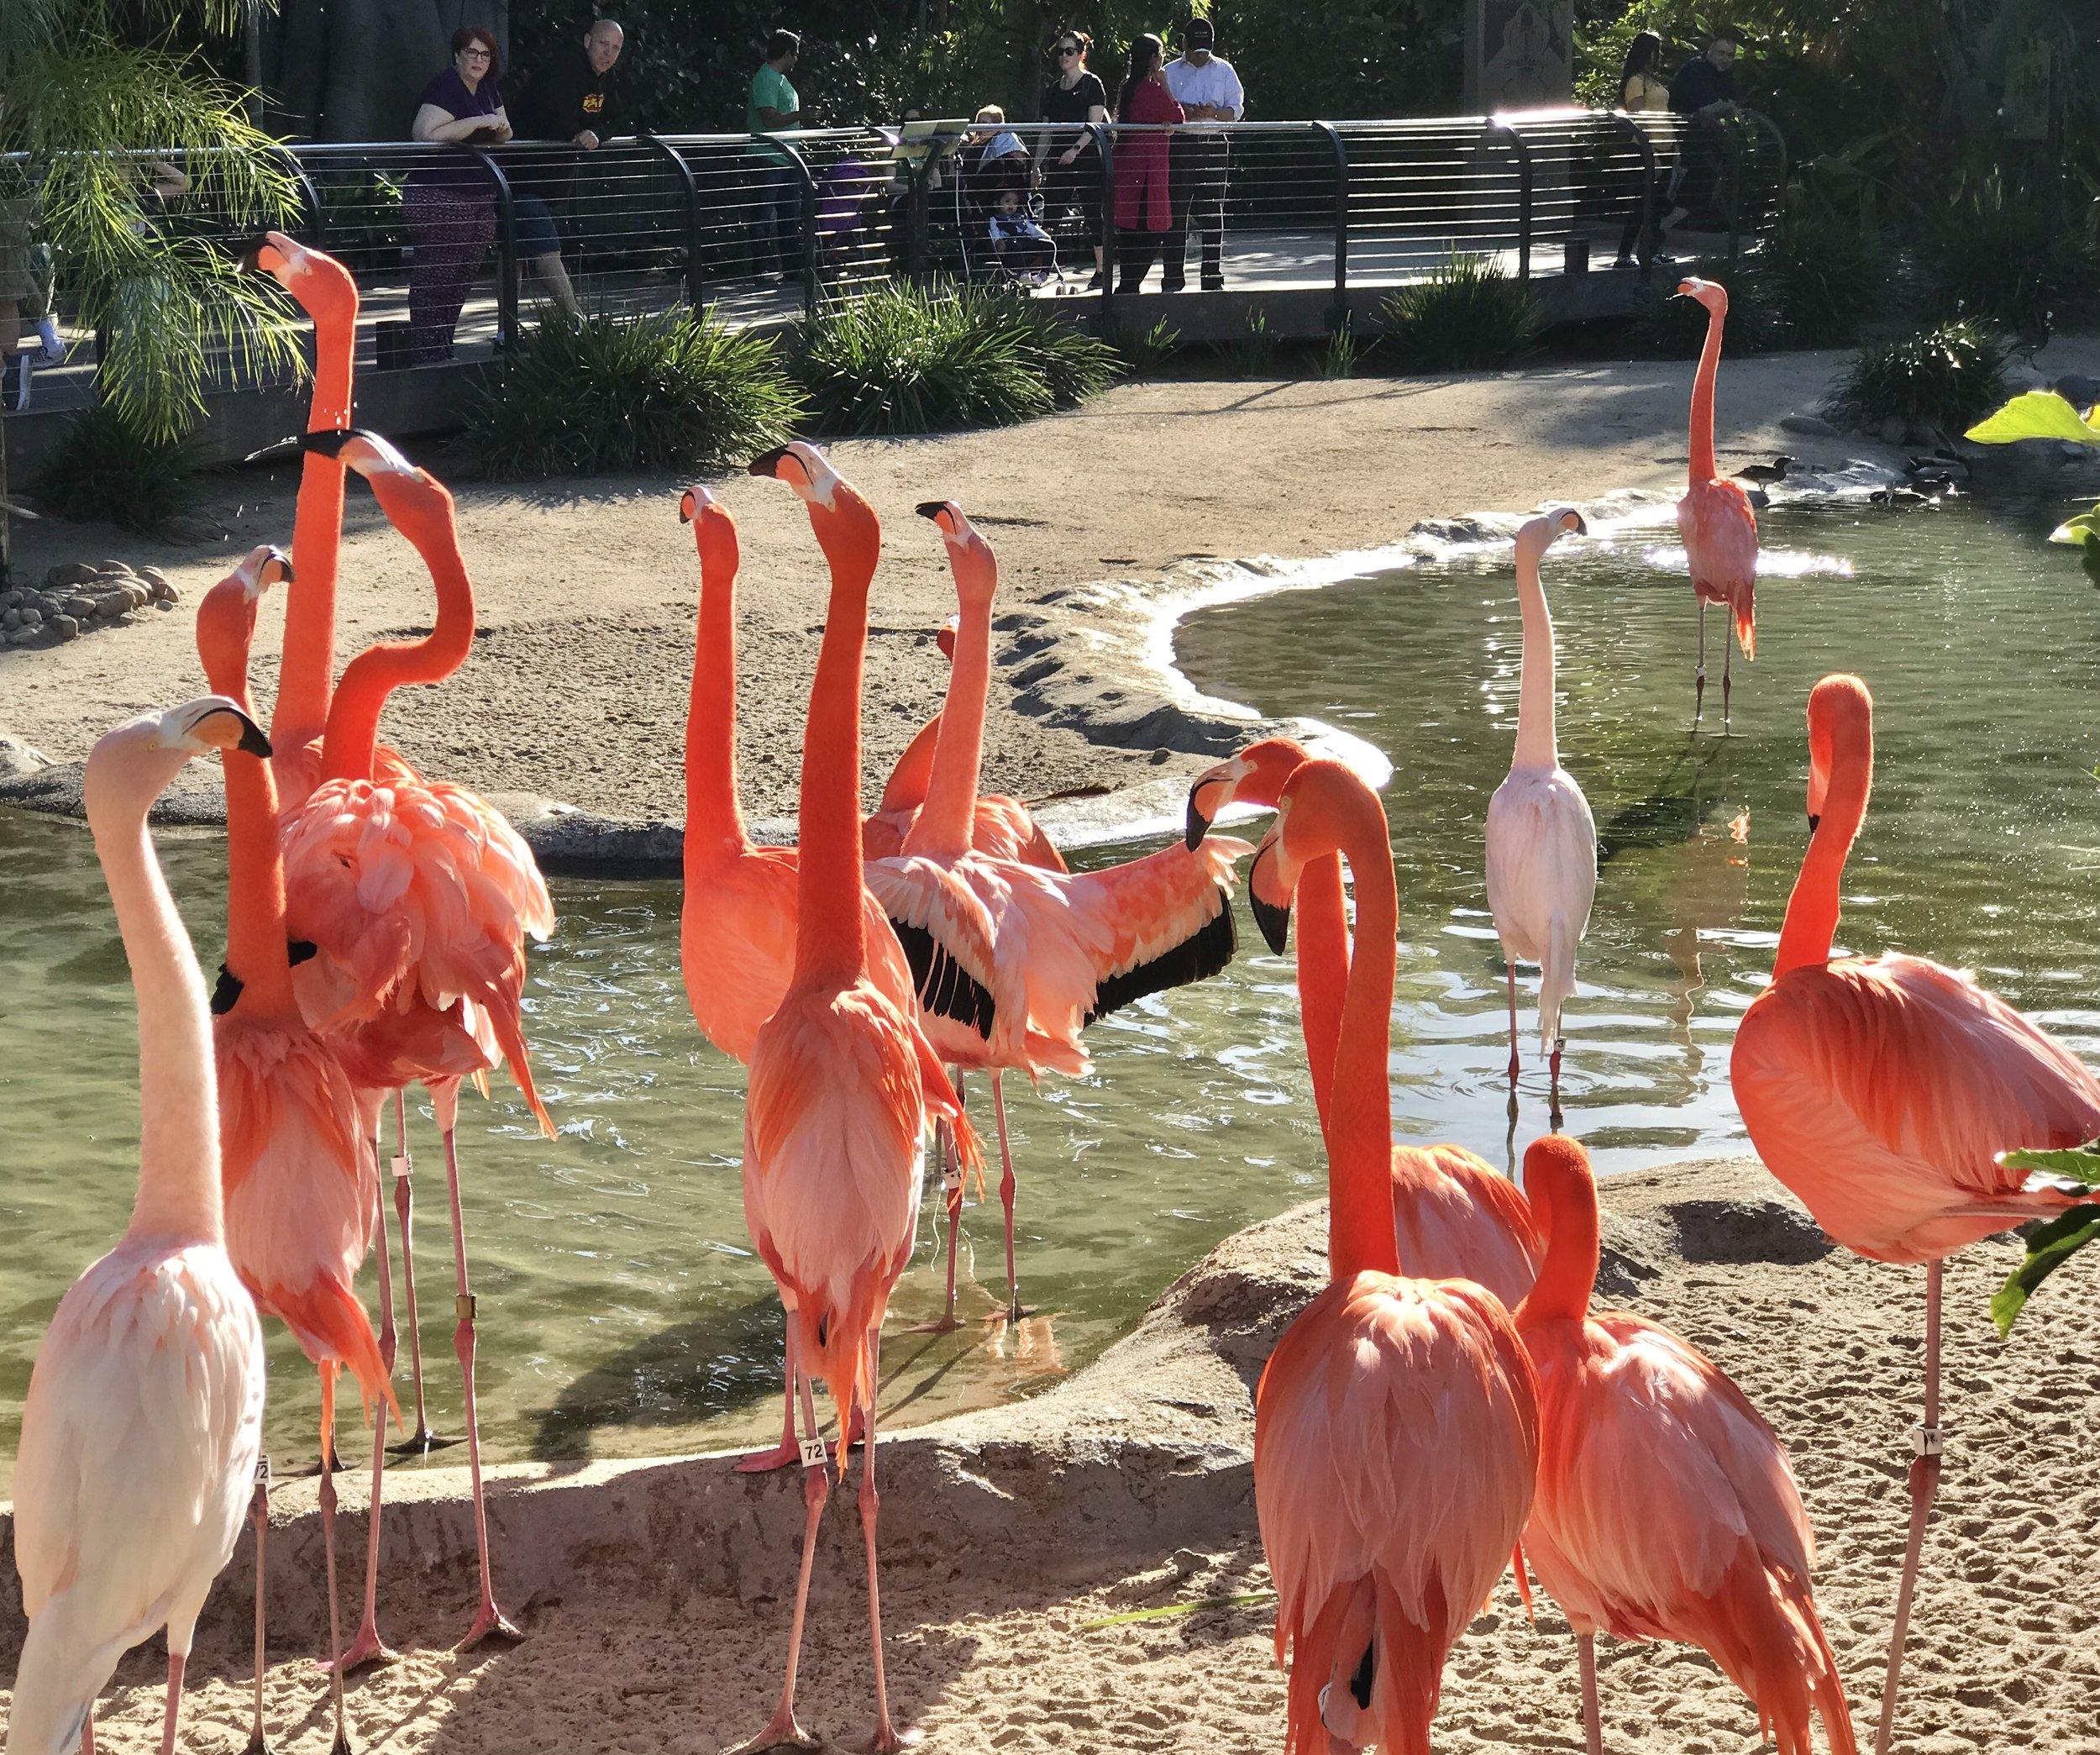 Flamingos at the zoo